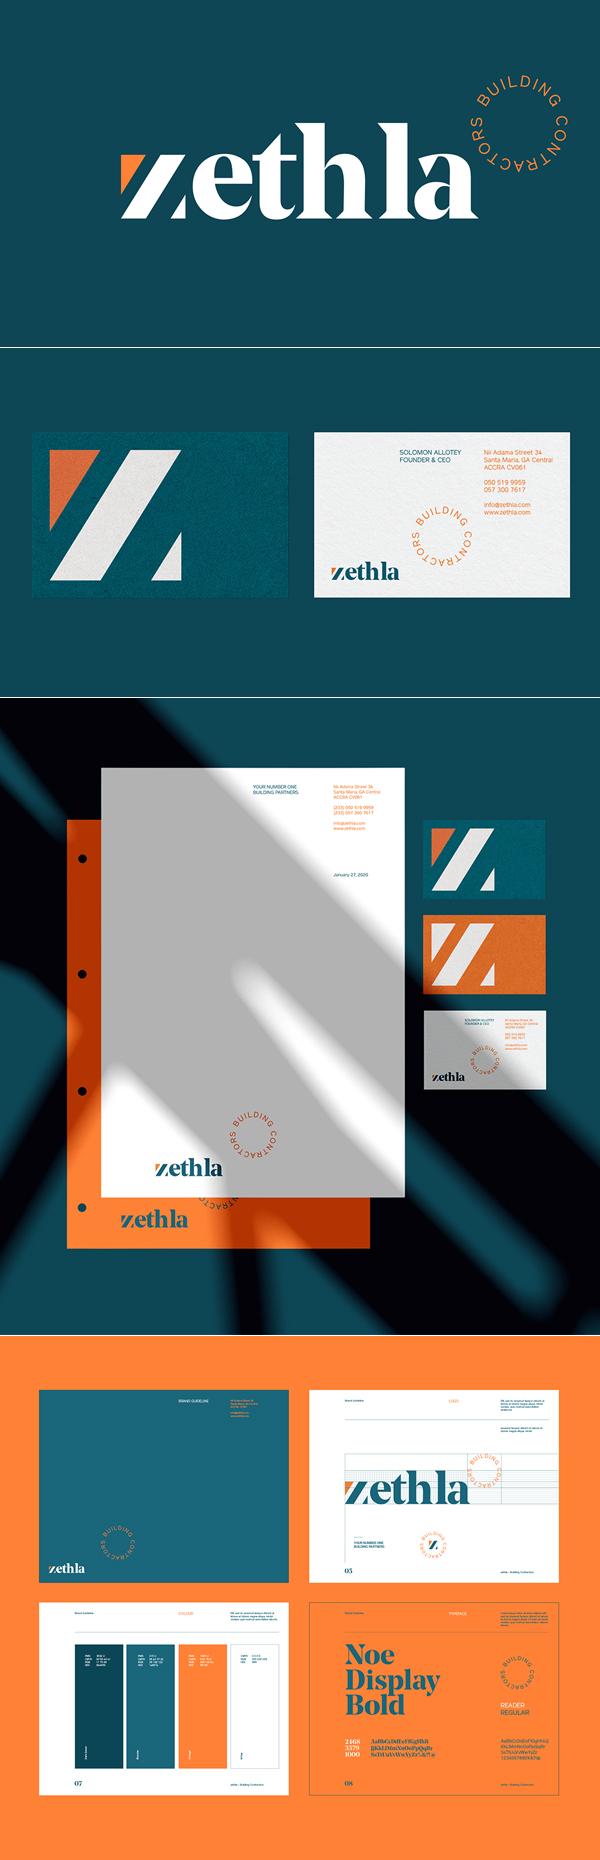 Zethla - Brand Identity by Broklin Onjei